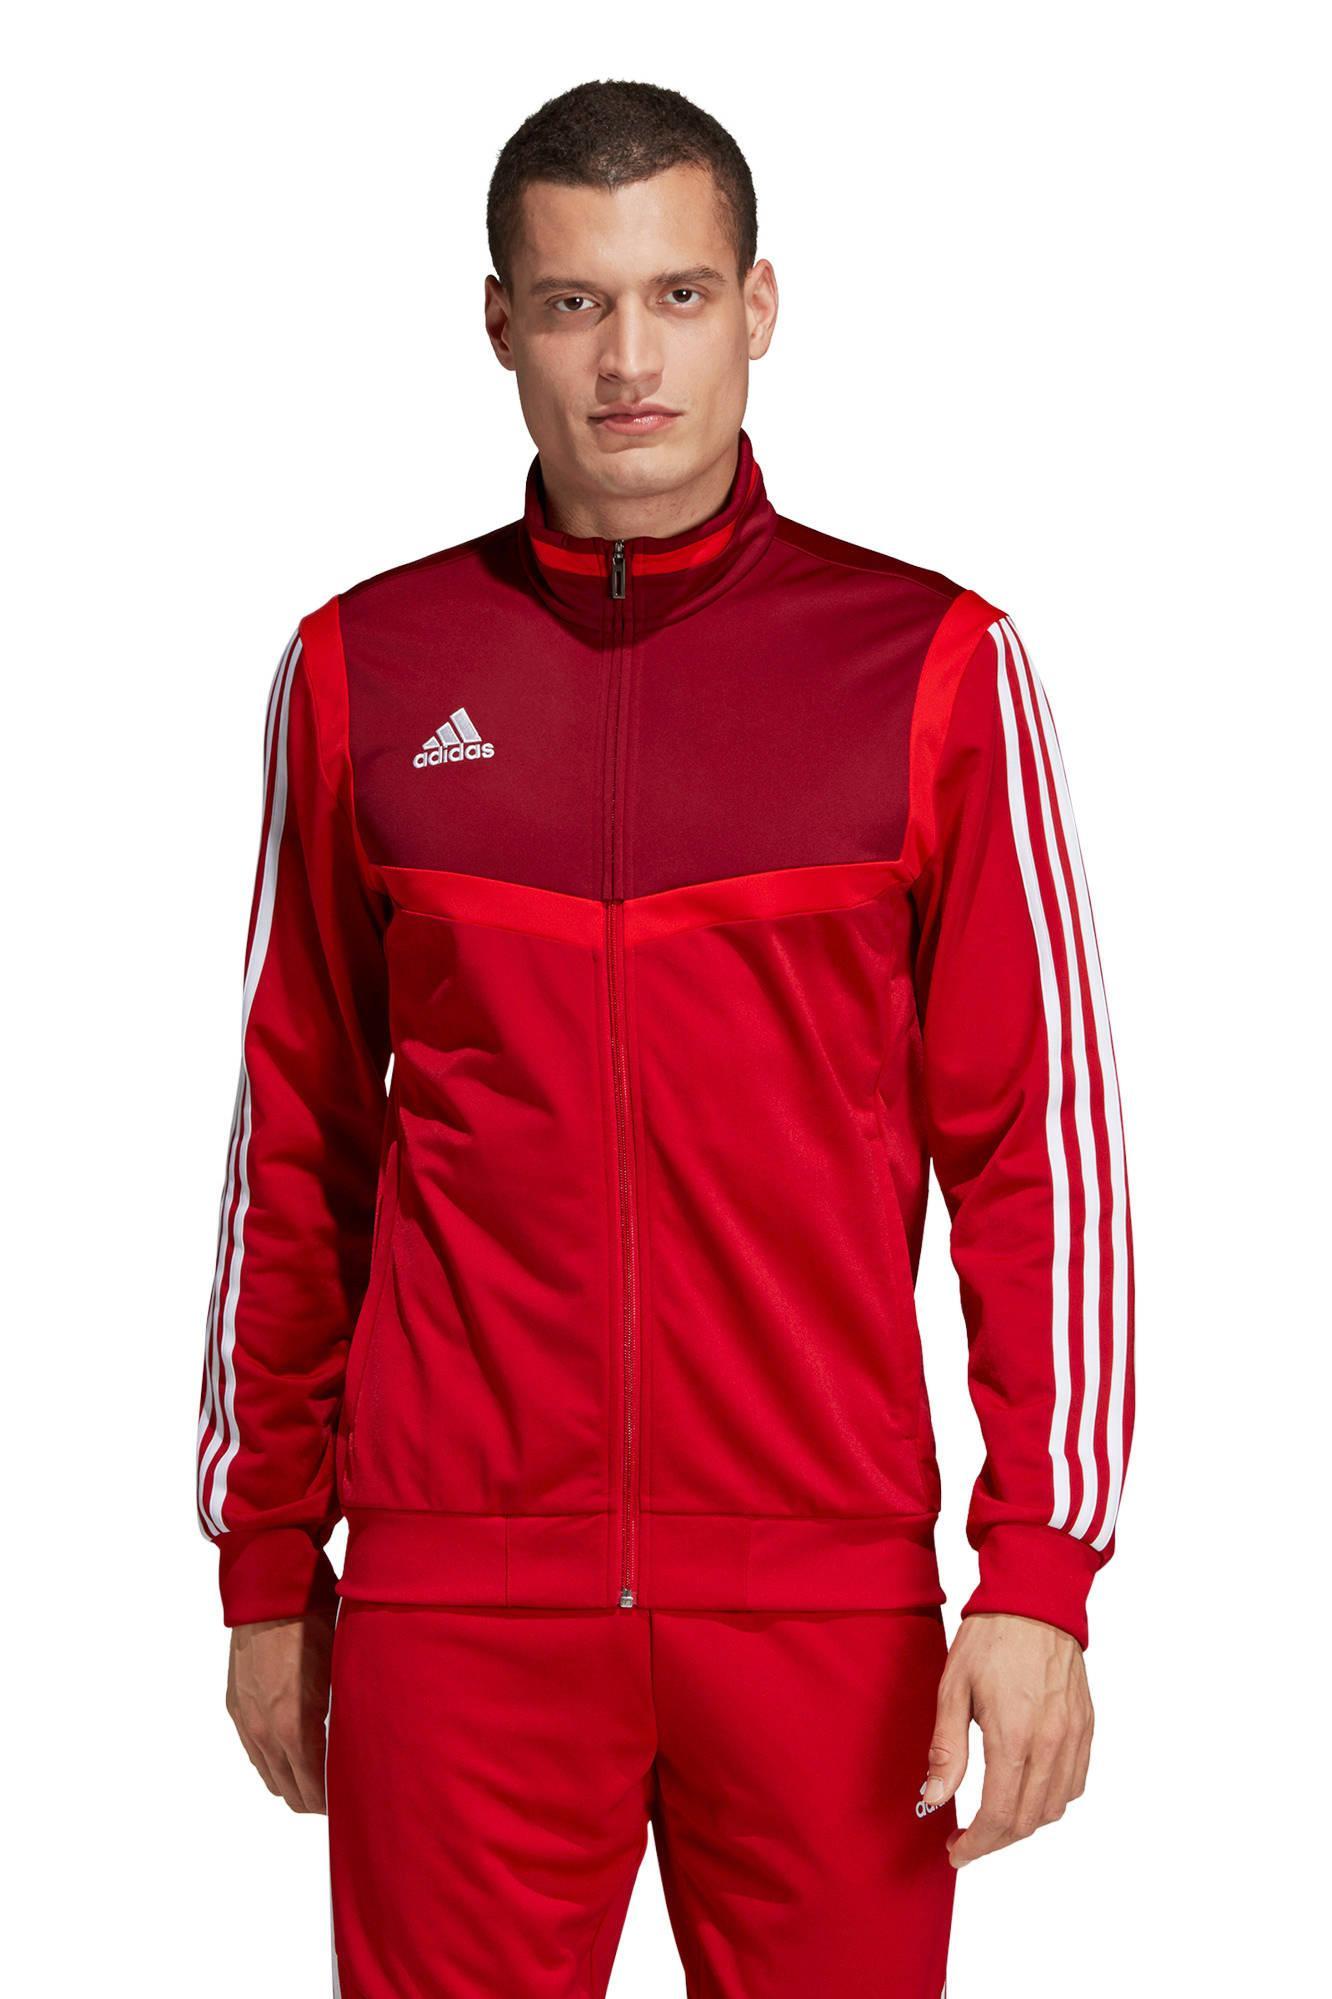 adidas Sportvest Tiro in het Rood voor heren